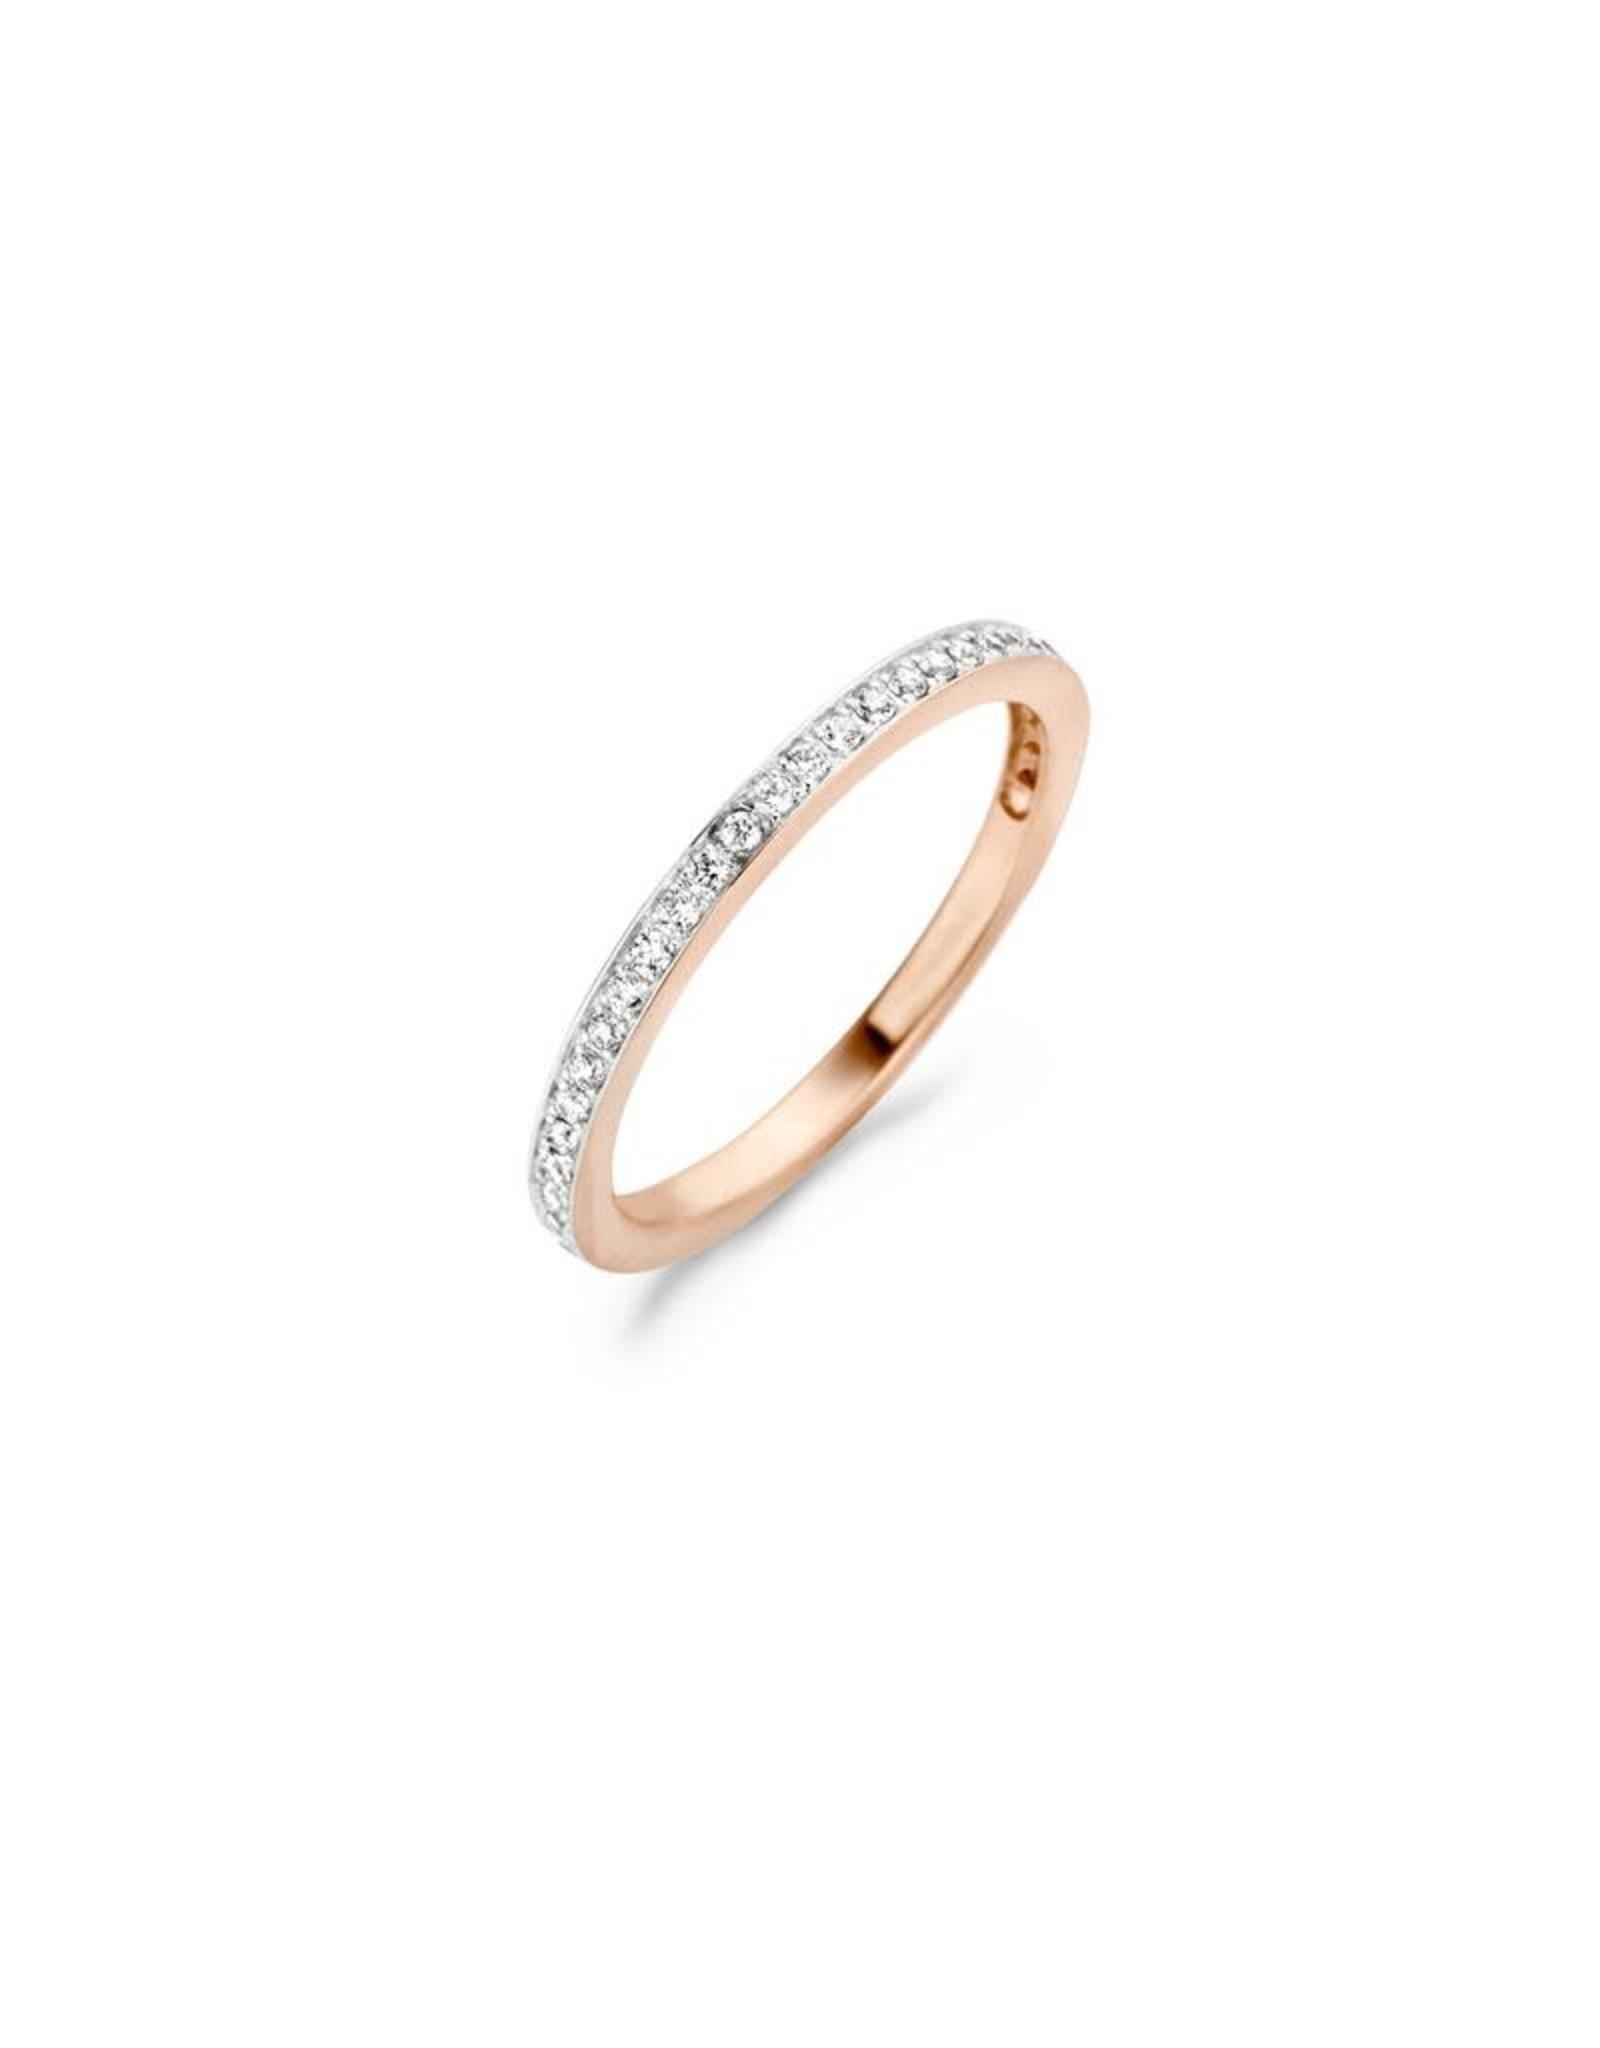 Blush Ring Blush Roos Goud 14kt 1119RZI Zirkonium maat 54